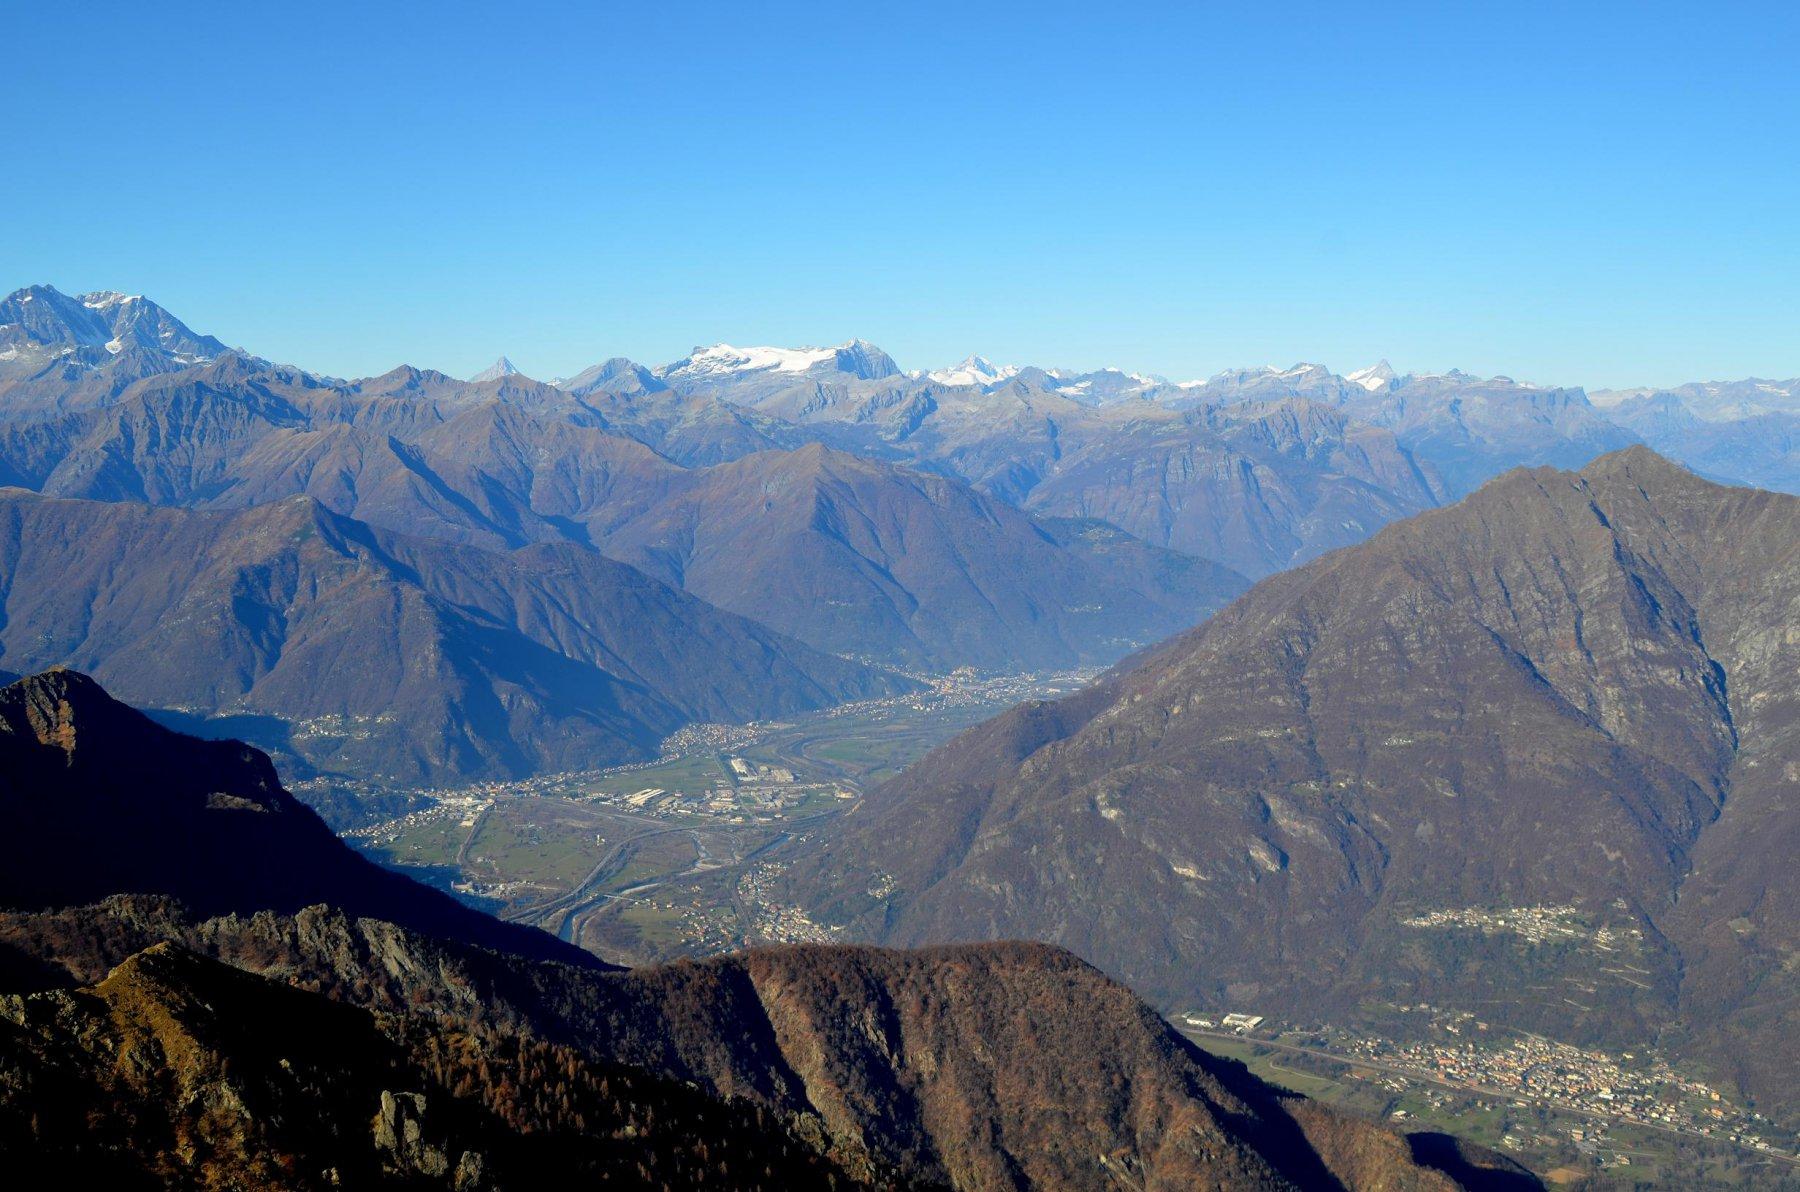 Bietschhorn, Leone, Finsteraarhorn, Cistella e paesi di Premosello, Piedimulera, Villadossola